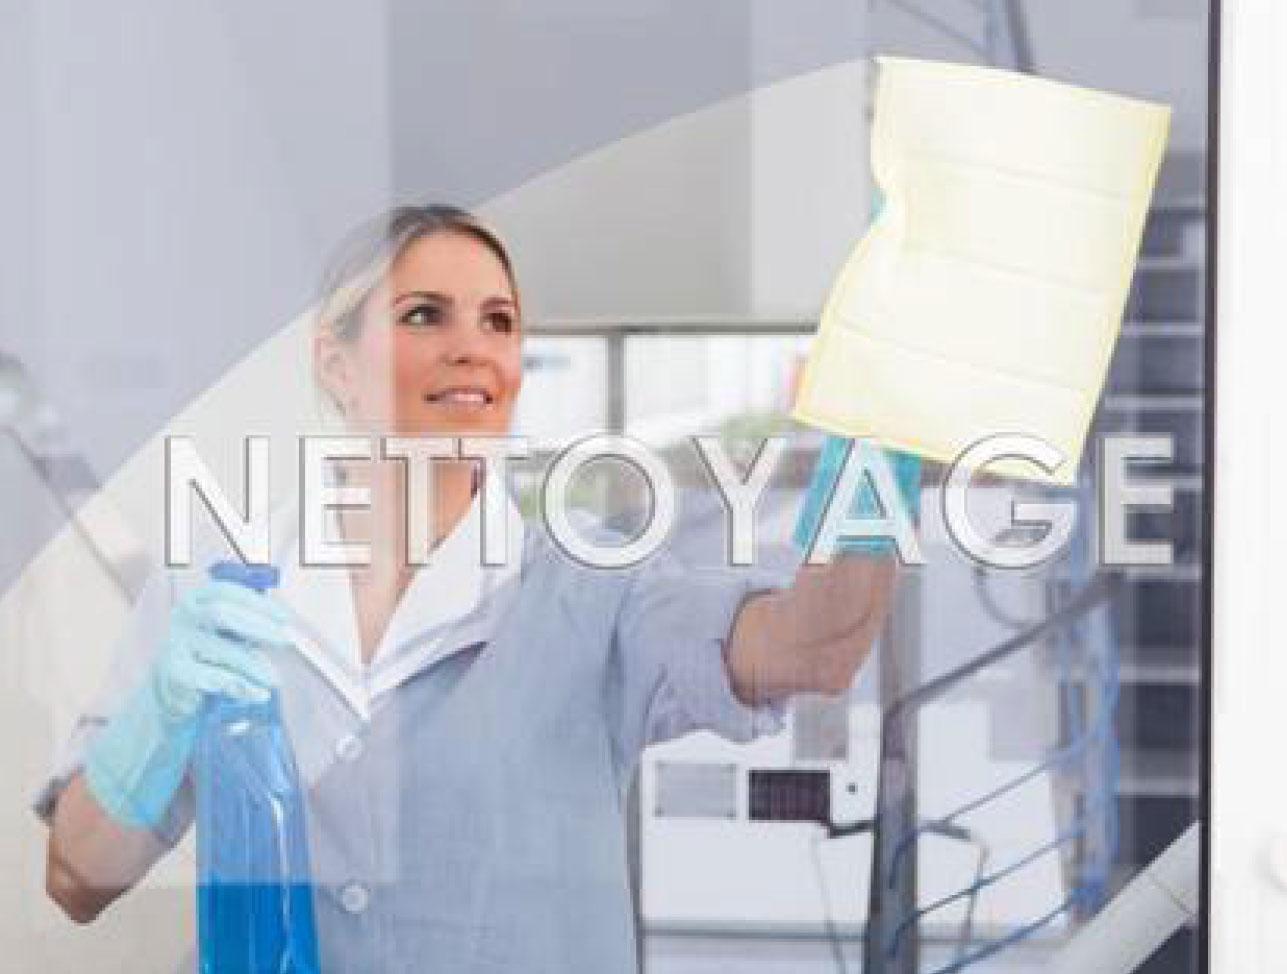 Produit et nettoyage professionnels